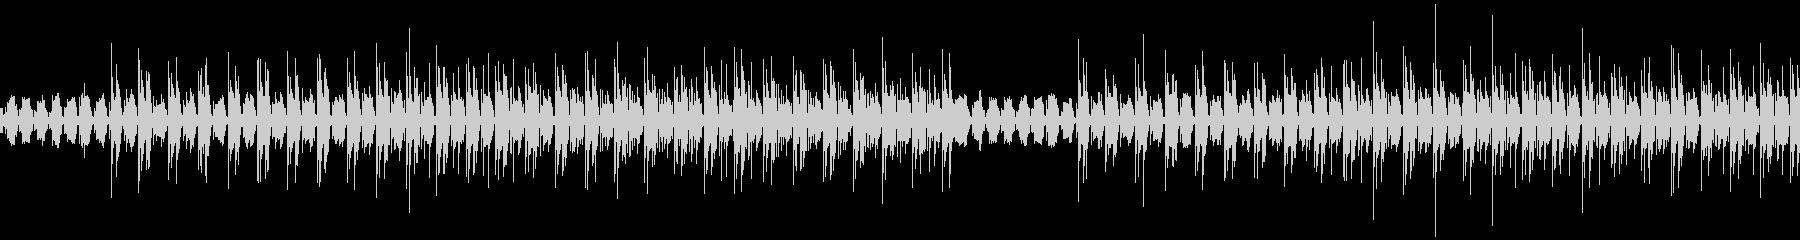 脱力感のあるピアノと電子音(ループ対応)の未再生の波形